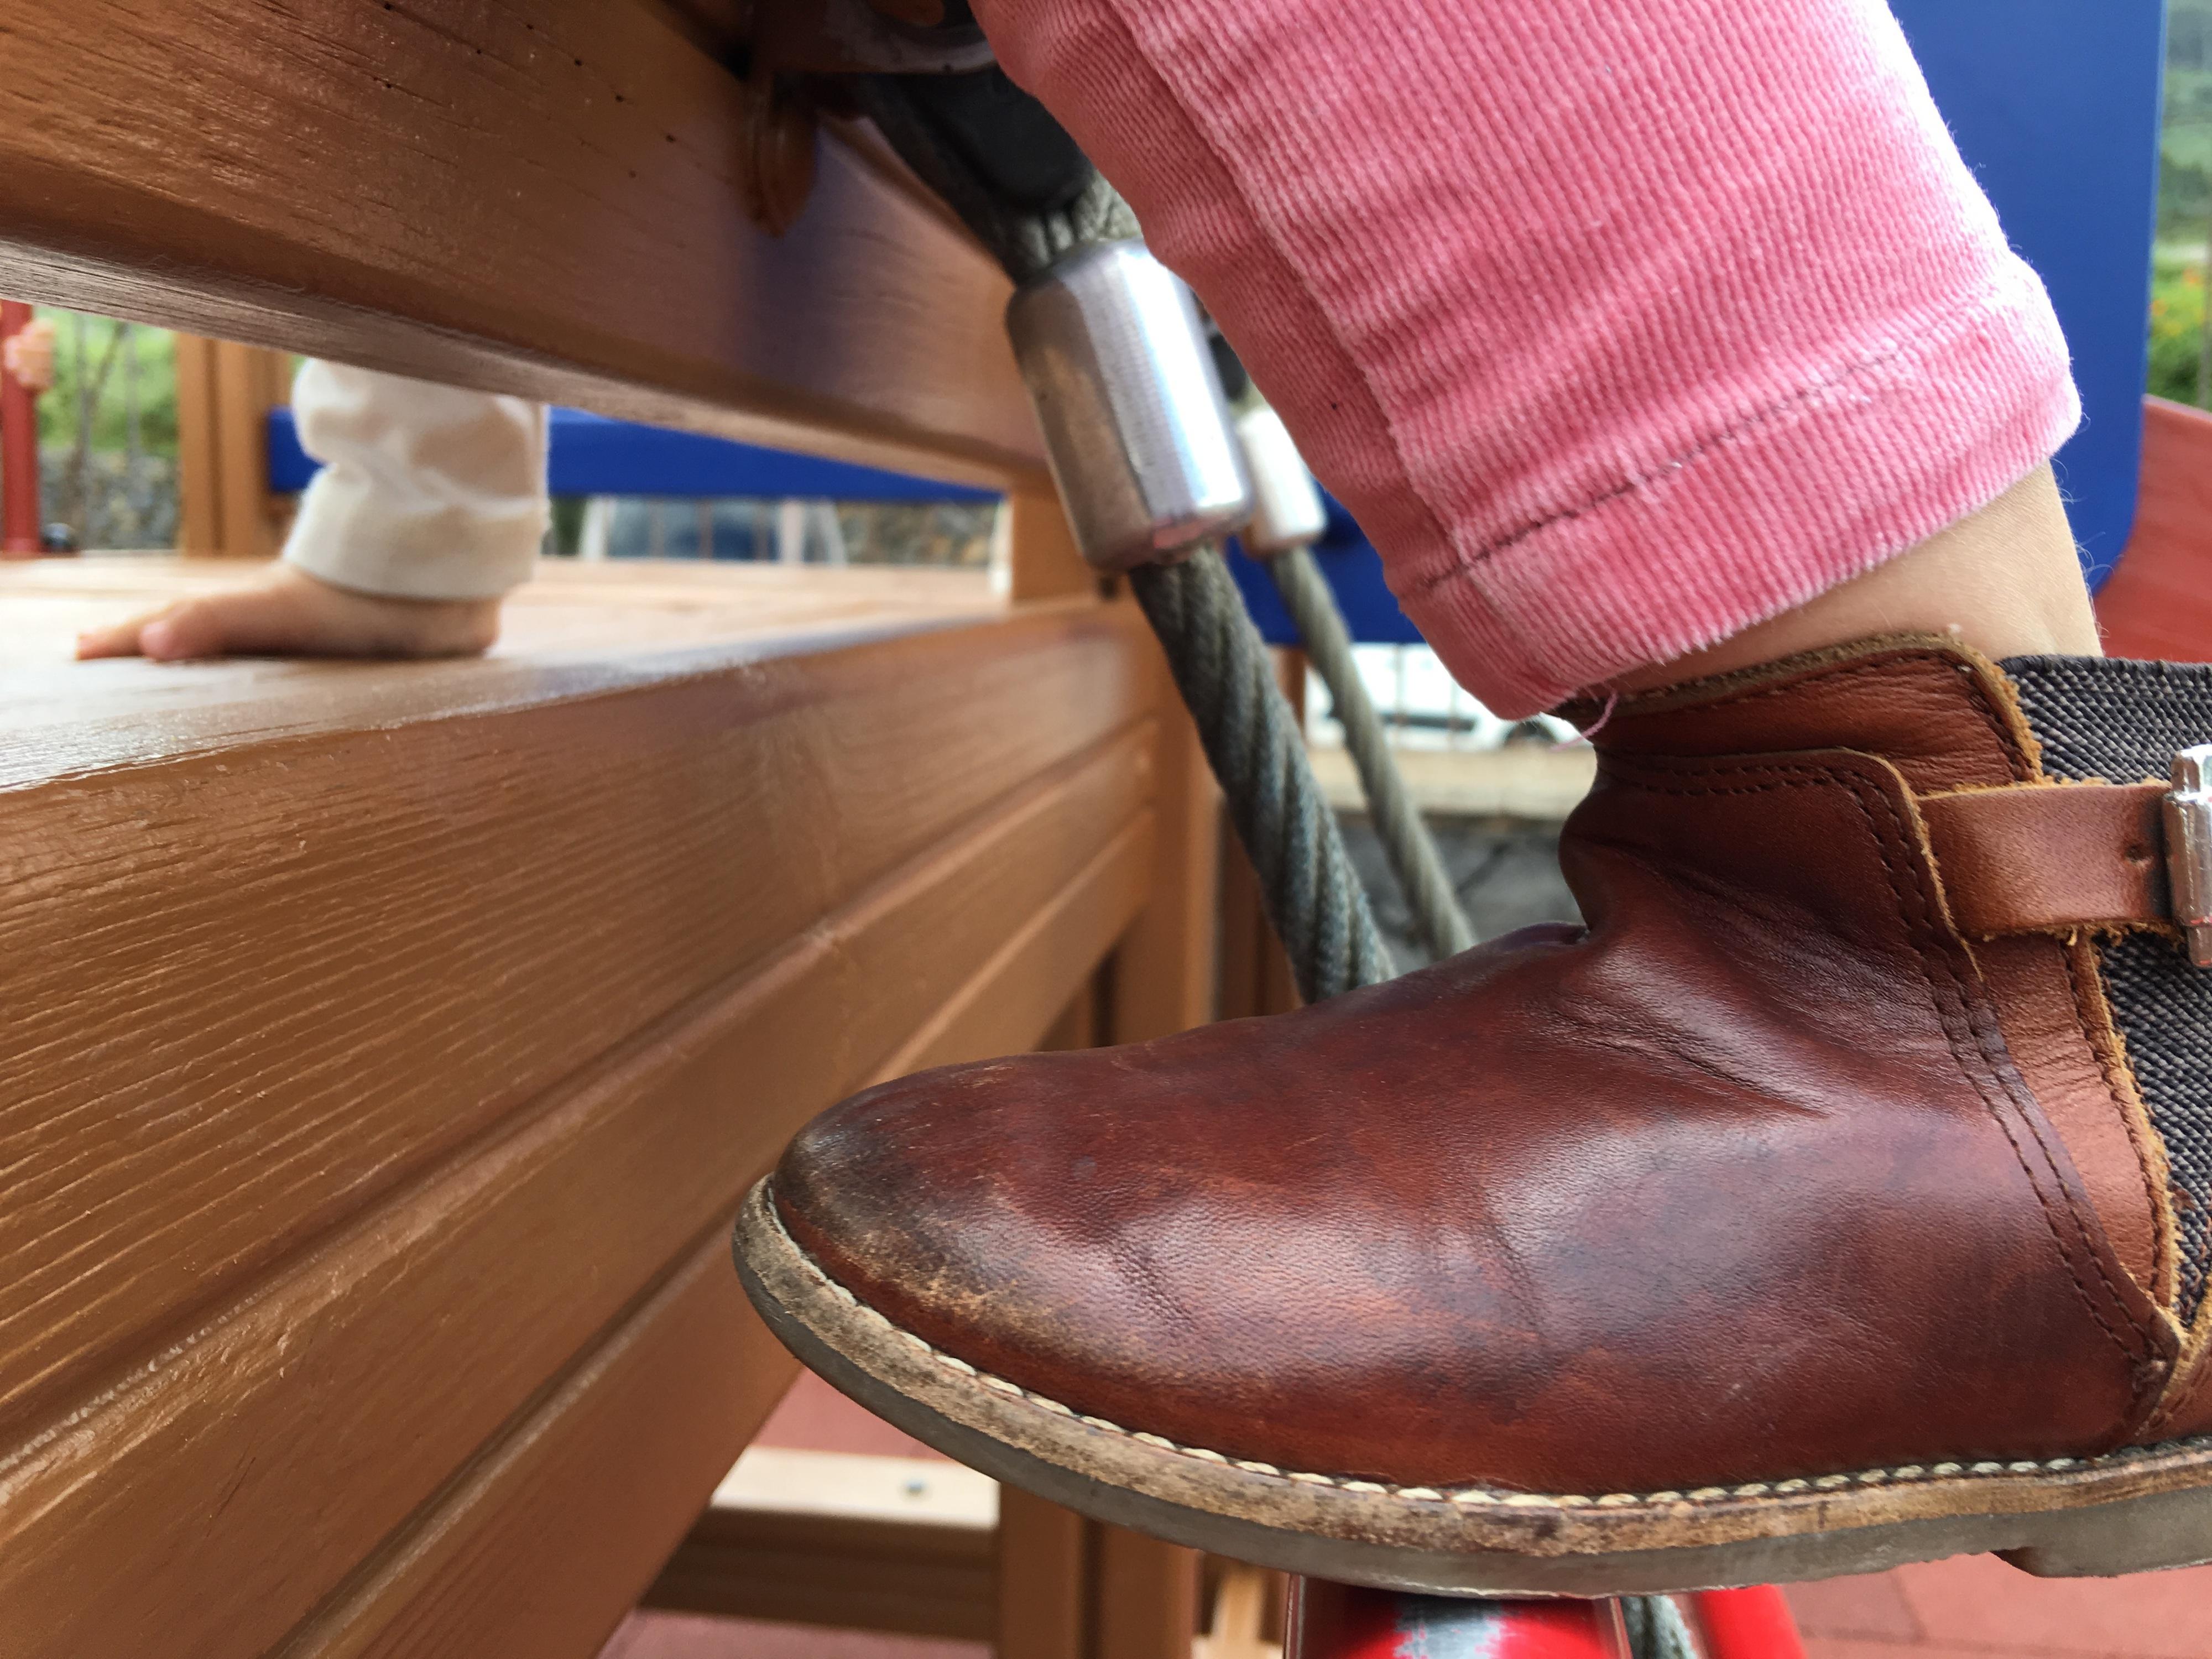 Cirurgia do pé boto para corrigir marcha em crianças pode não ser a melhor opção